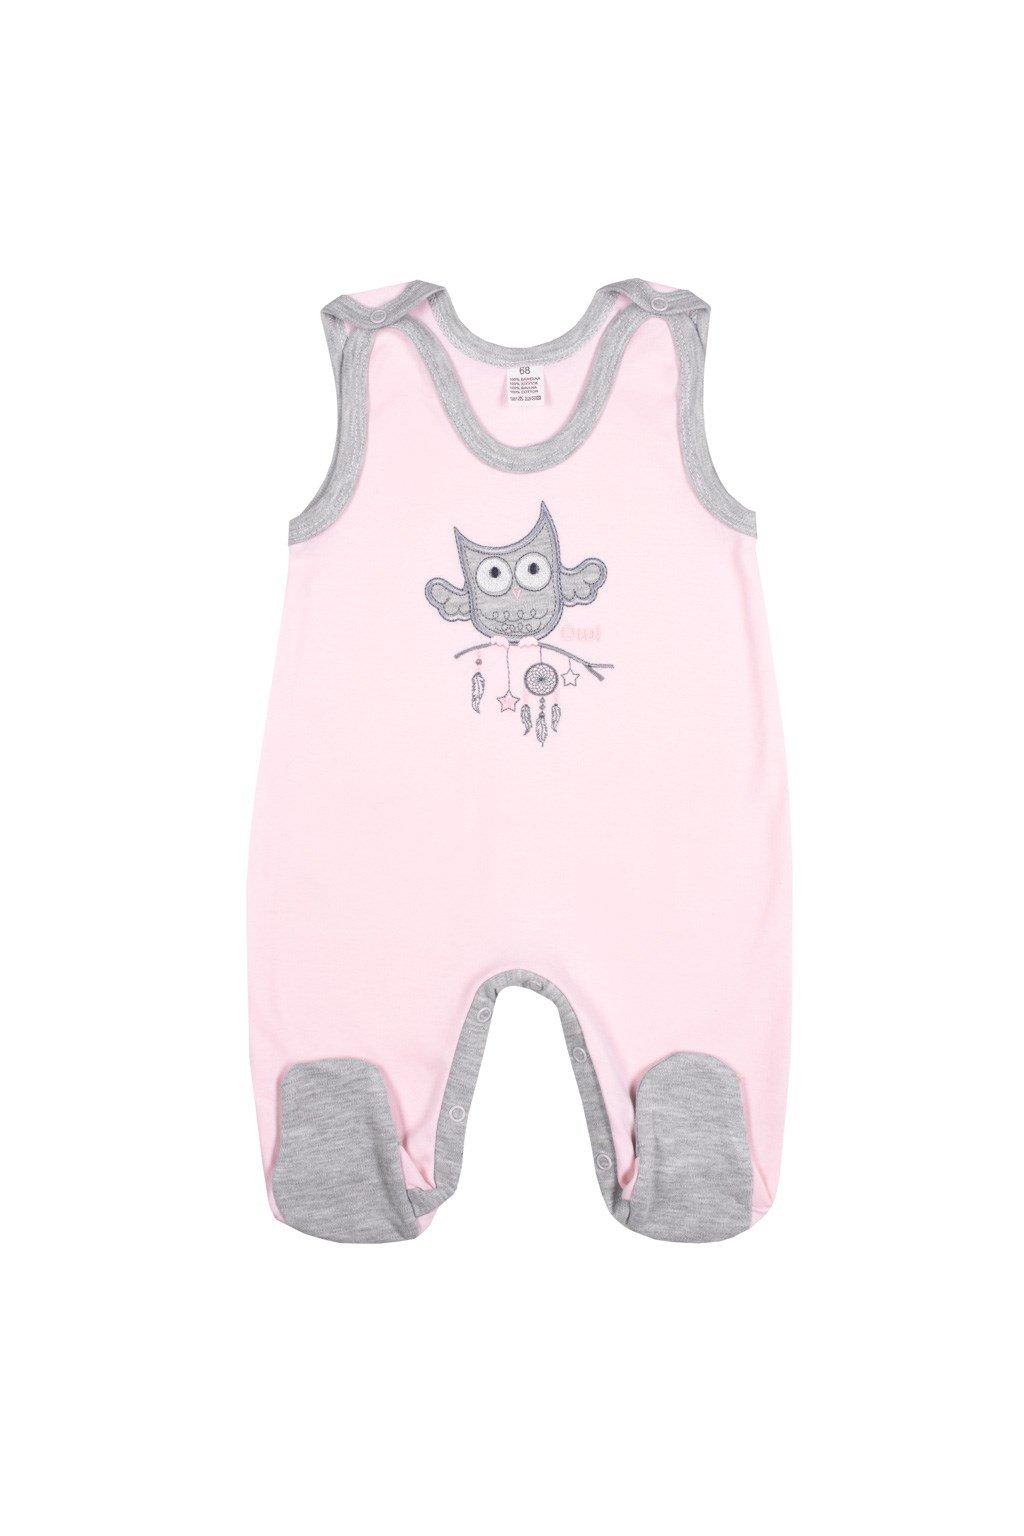 Dojčenské dupačky New Baby Owl ružové